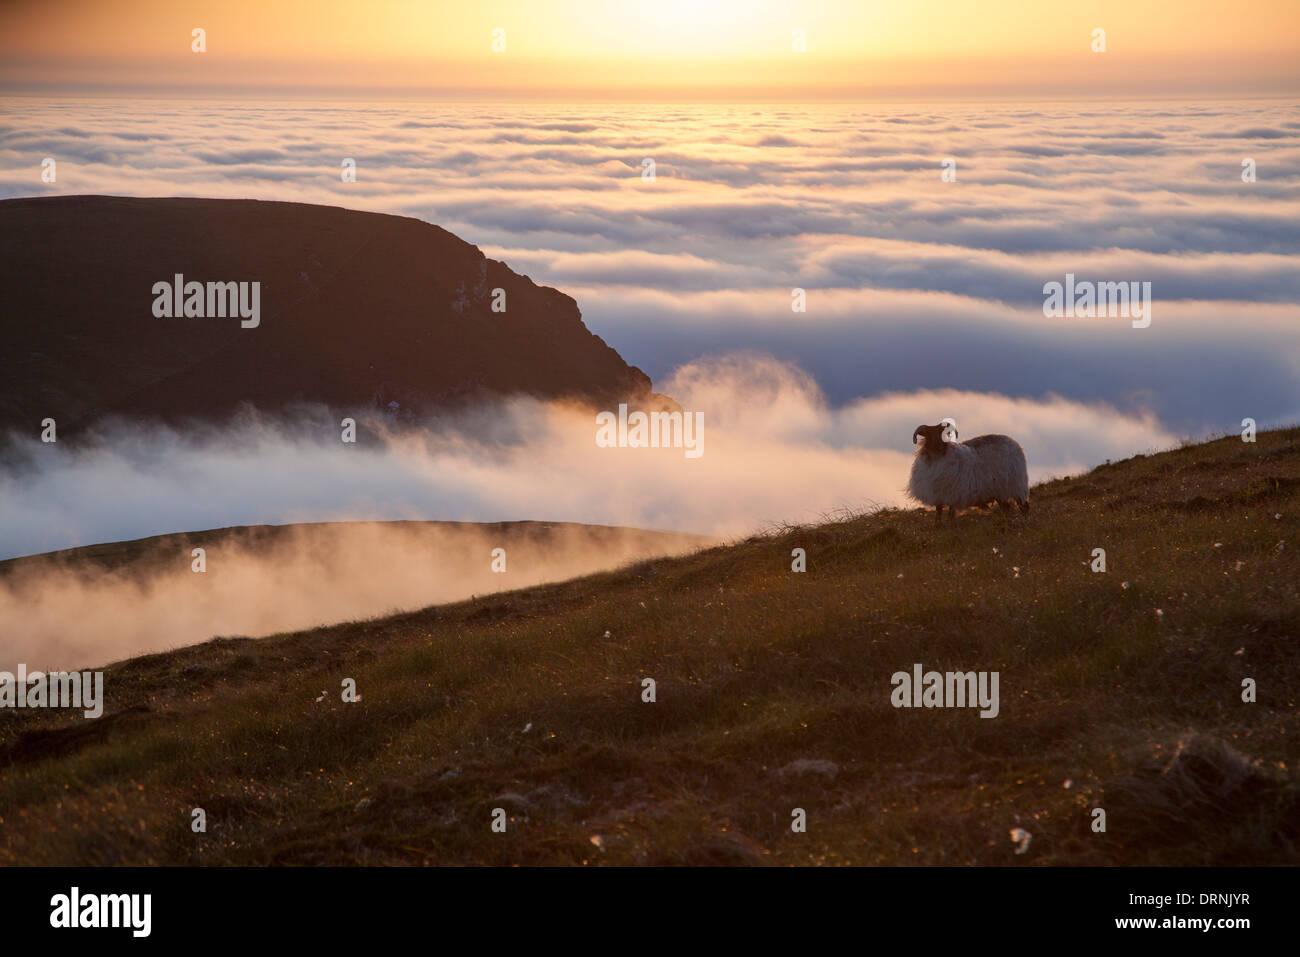 Sunset nubes y ovejas, Glinsk montaña, Norte de mayo seacliffs, en el condado de Mayo, Irlanda. Imagen De Stock